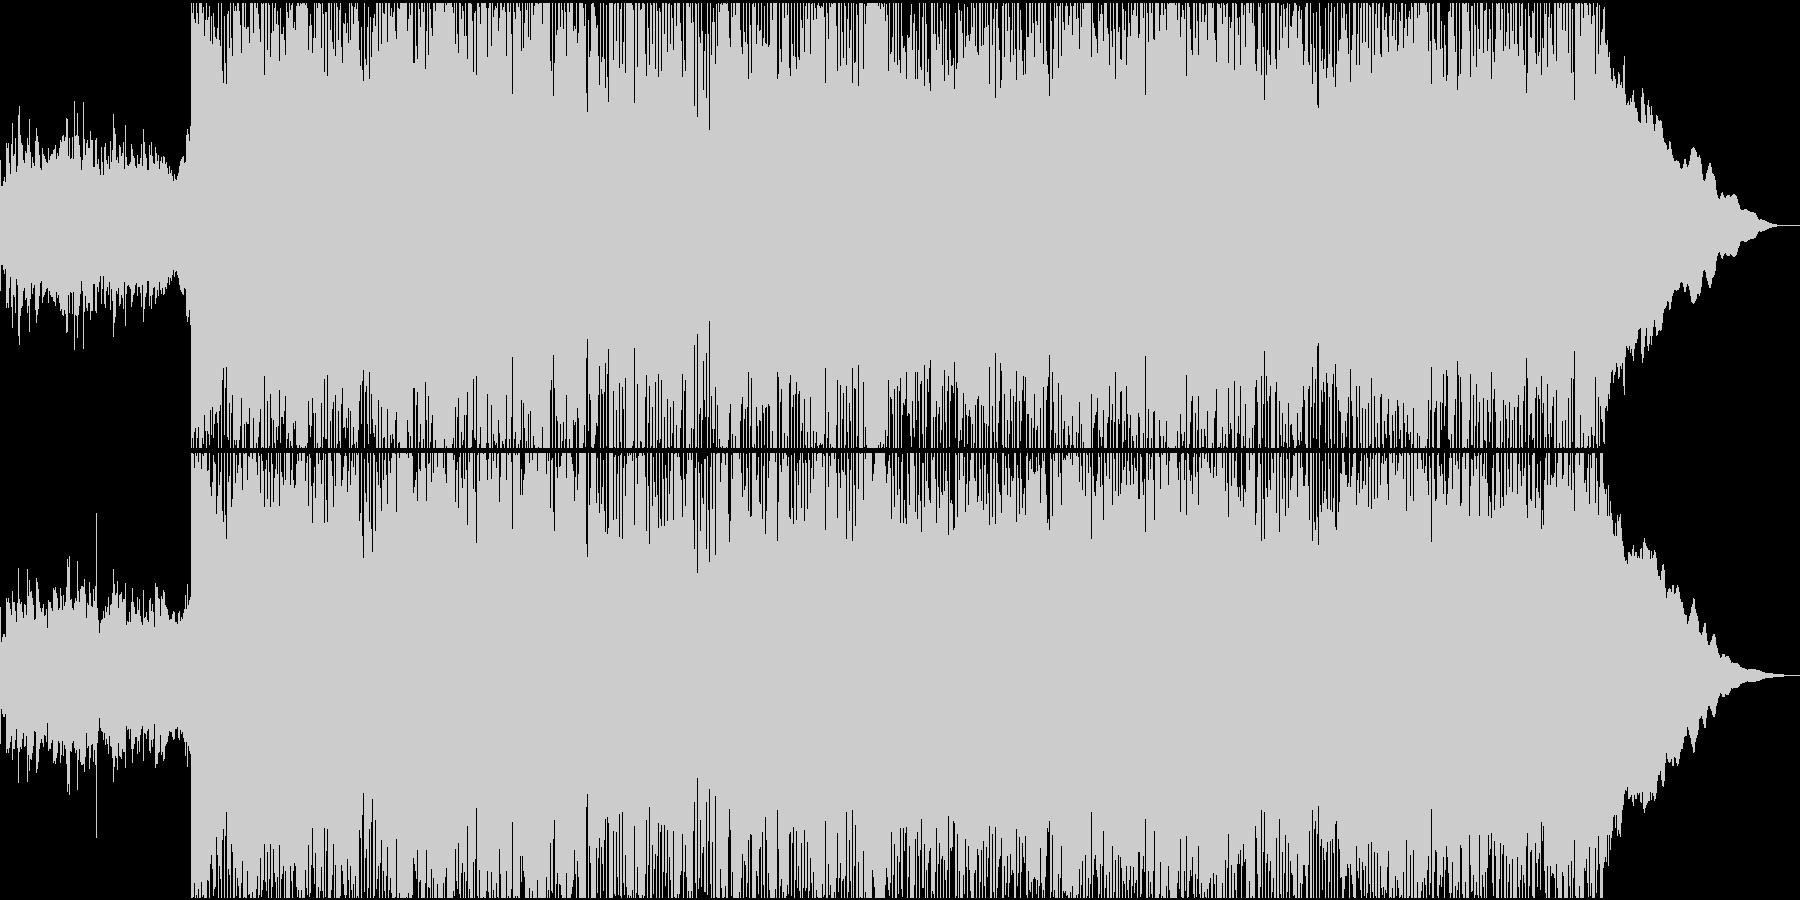 メタルロック/喧嘩シーンBGM/悪者登場の未再生の波形